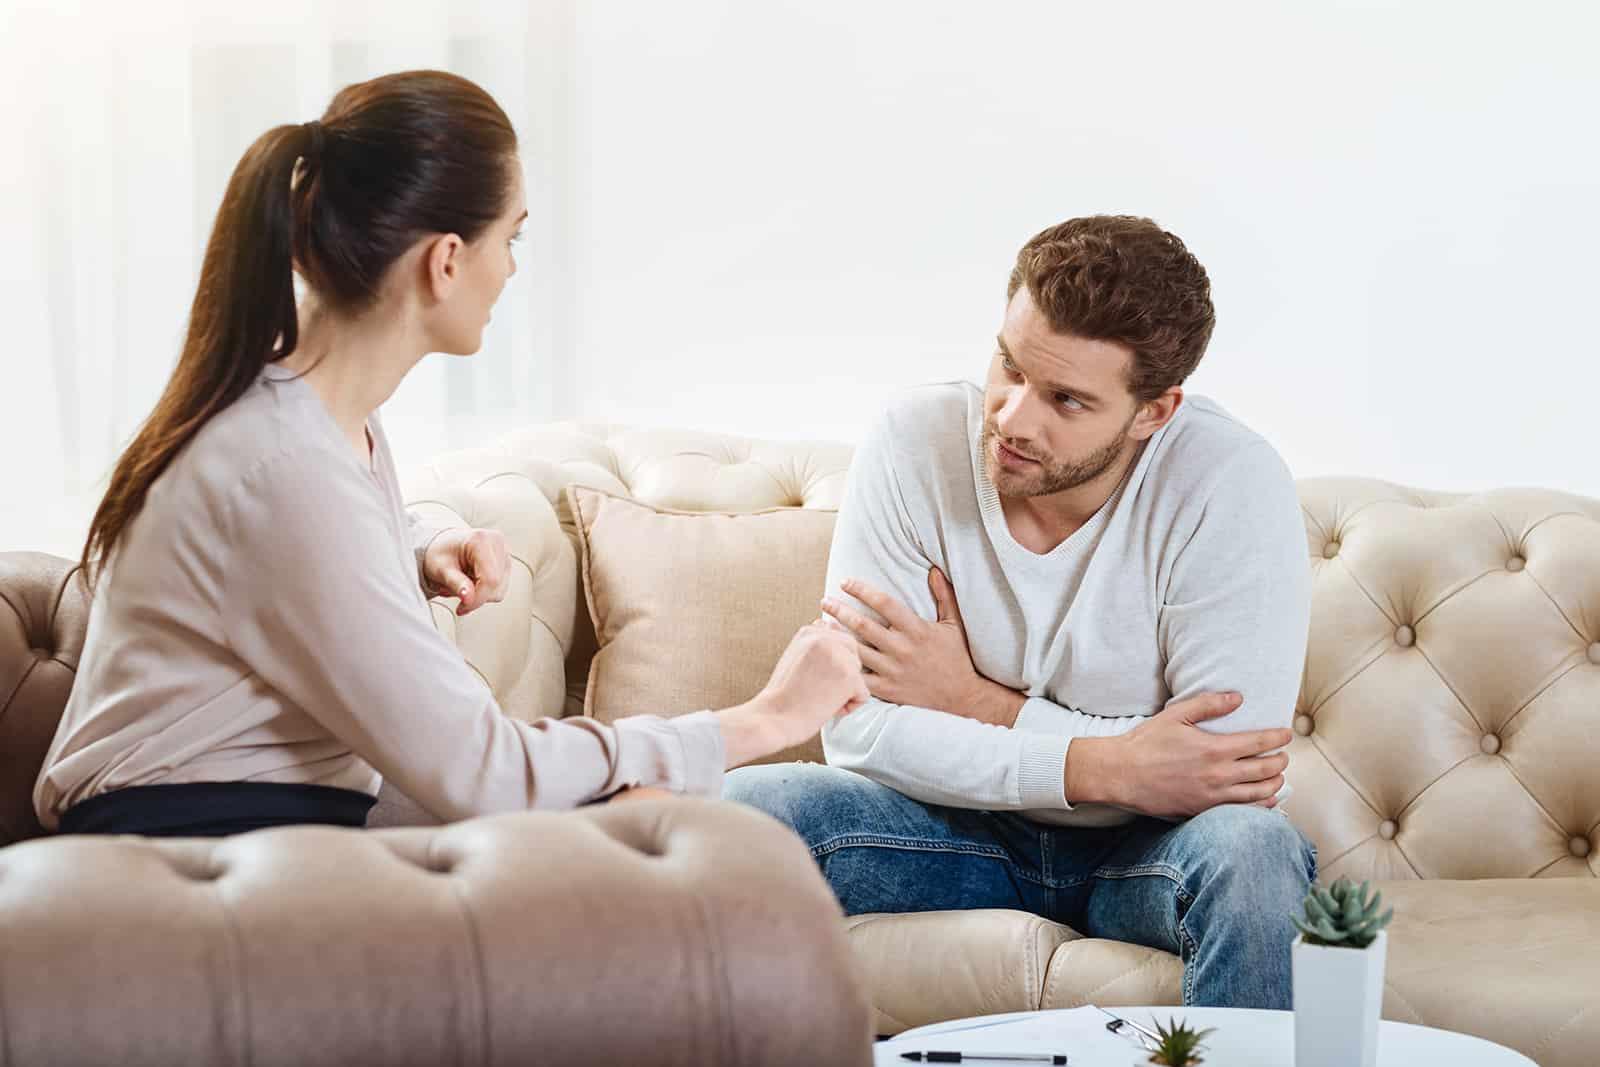 Ein Paar redet miteinander, während es im Wohnzimmer sitzt